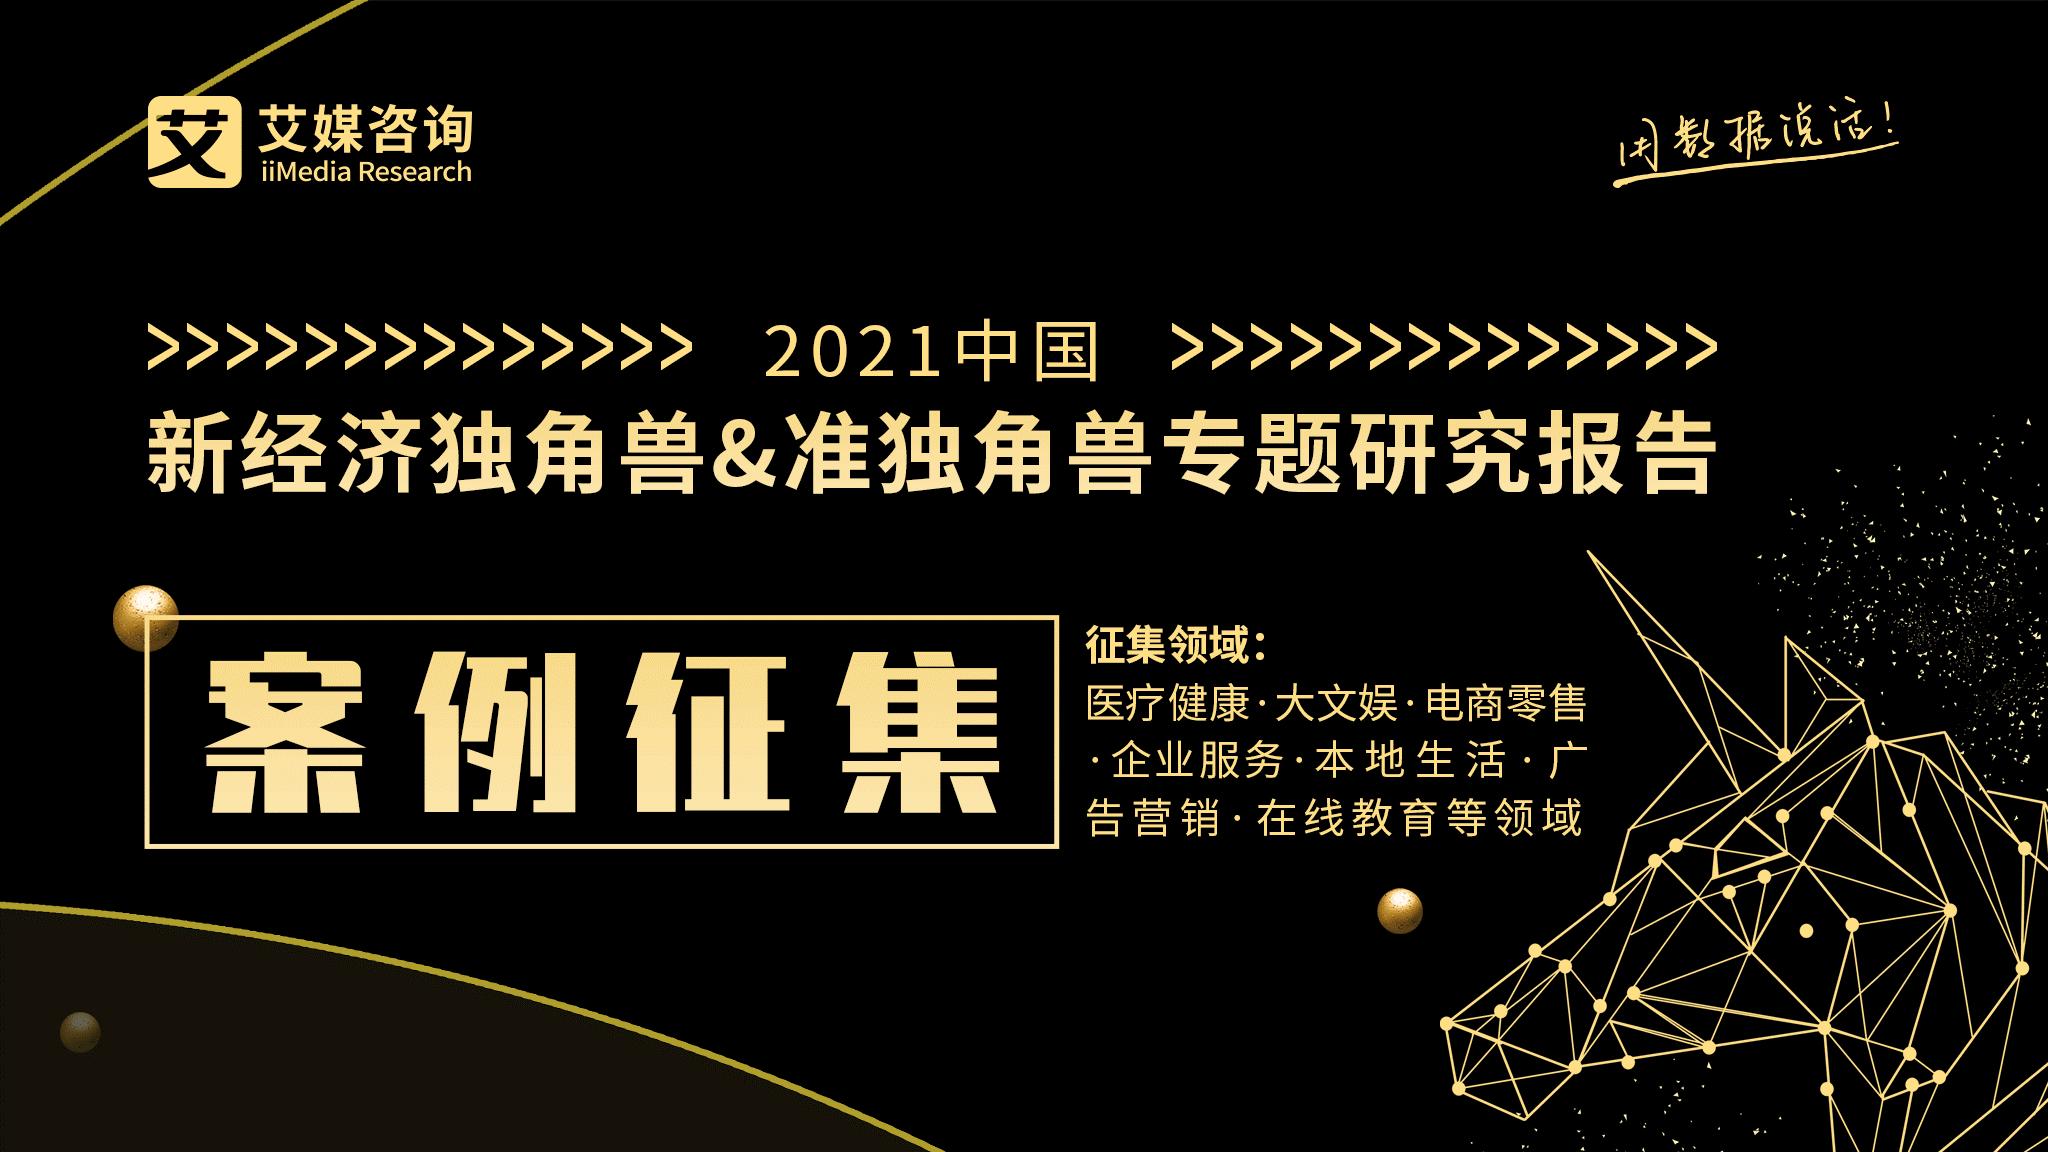 报名安排起来!《2021中国新经济独角兽&准独角兽研究报告》案例征集启动!